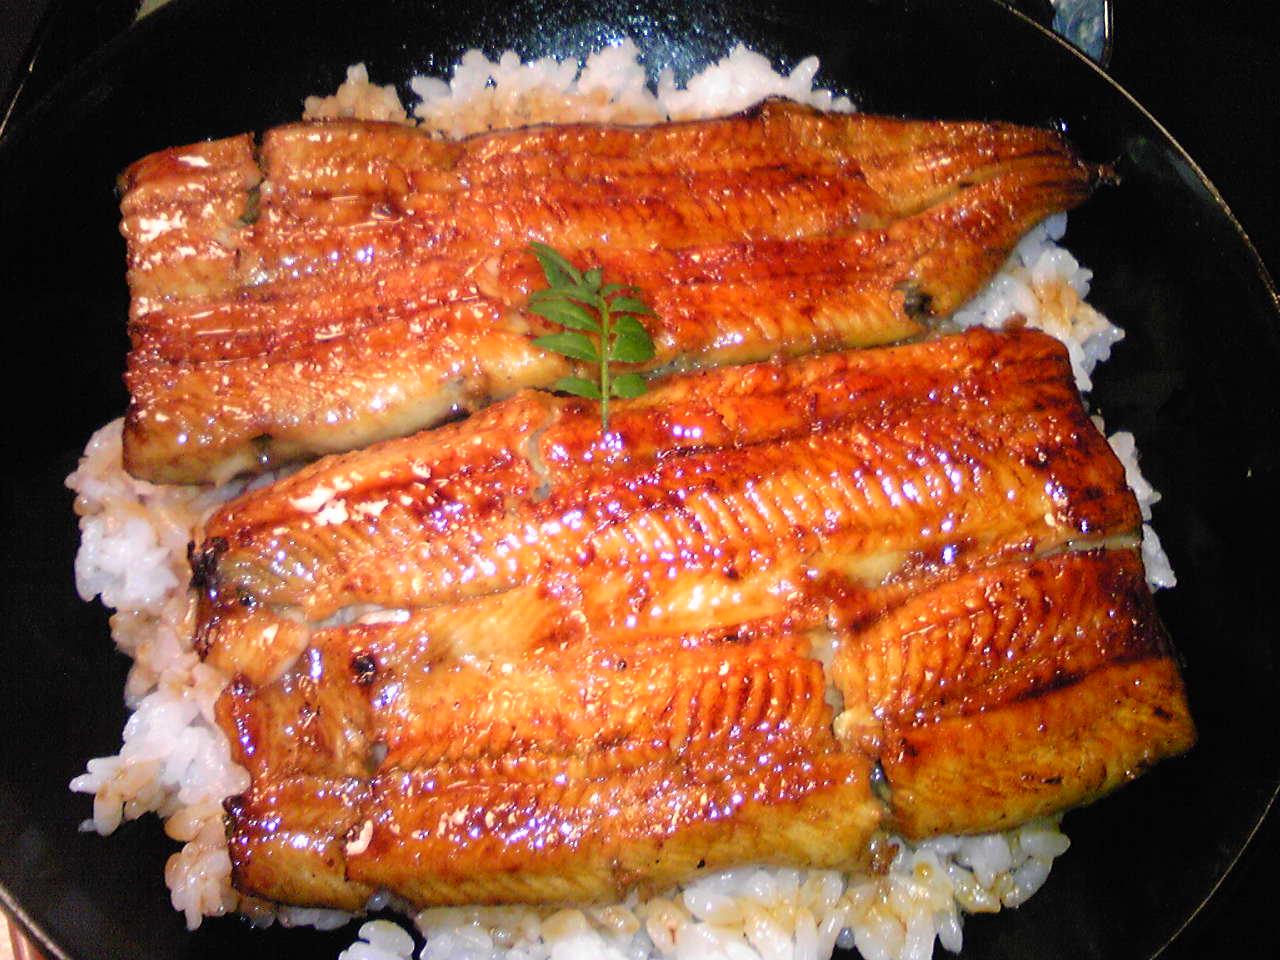 Image028 麹町鰻店「秋本」の「鰻丼」 この店の鰻は、ザガットサーベイが地球一という